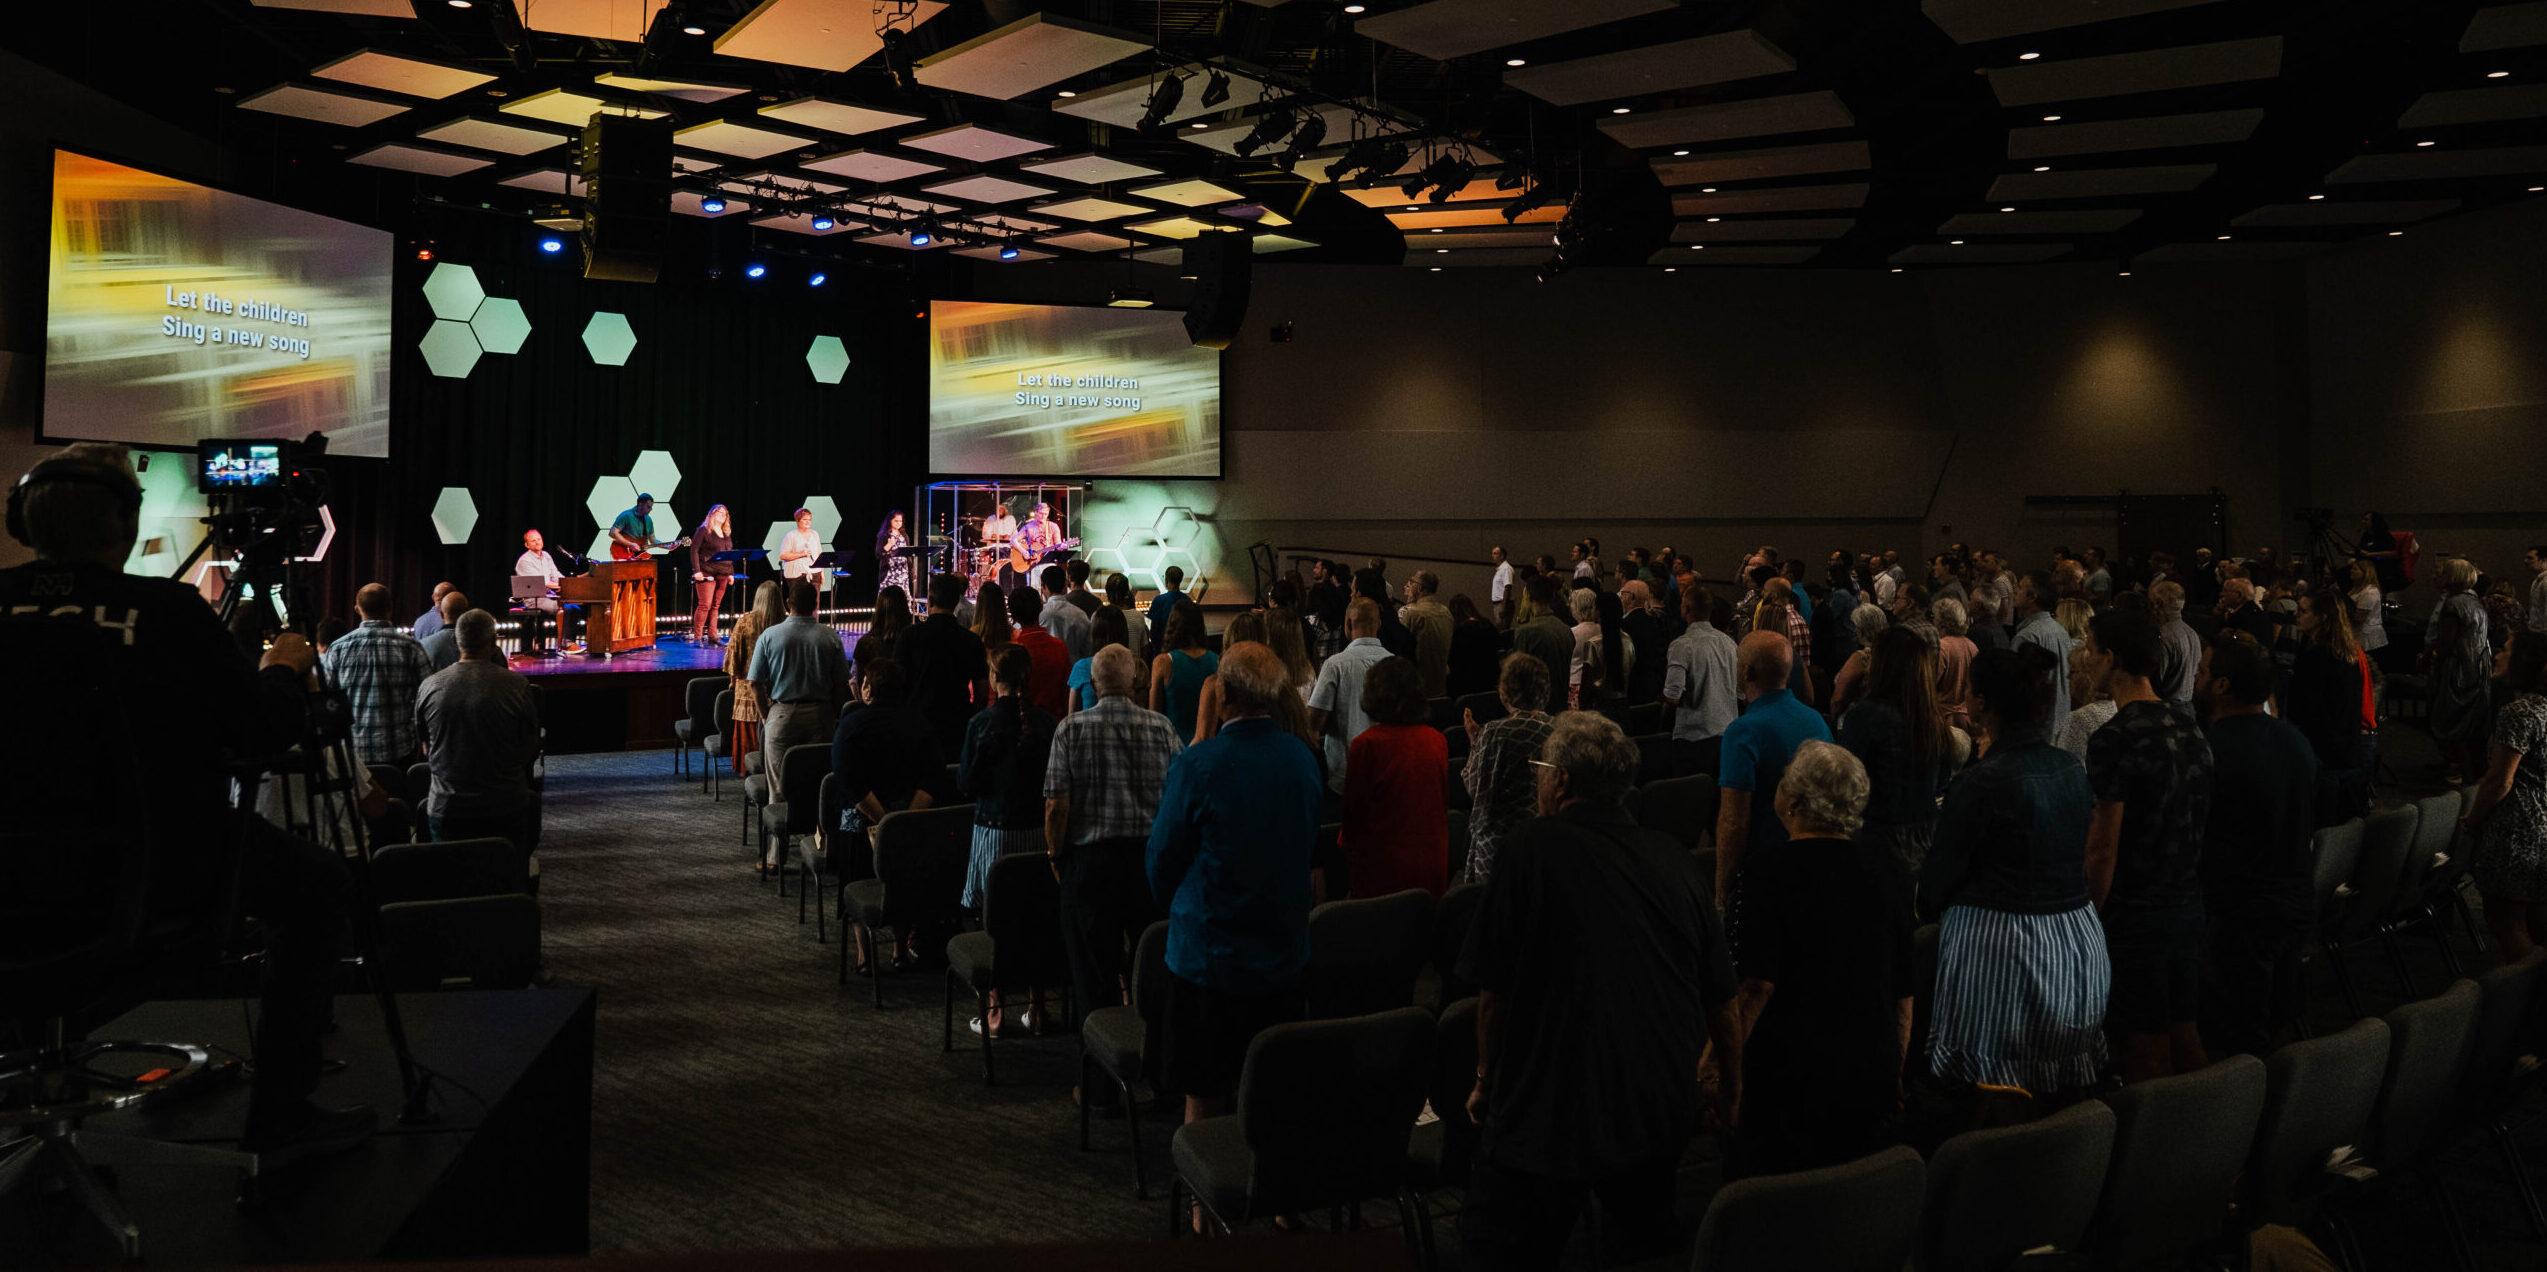 new hope church East Lansing